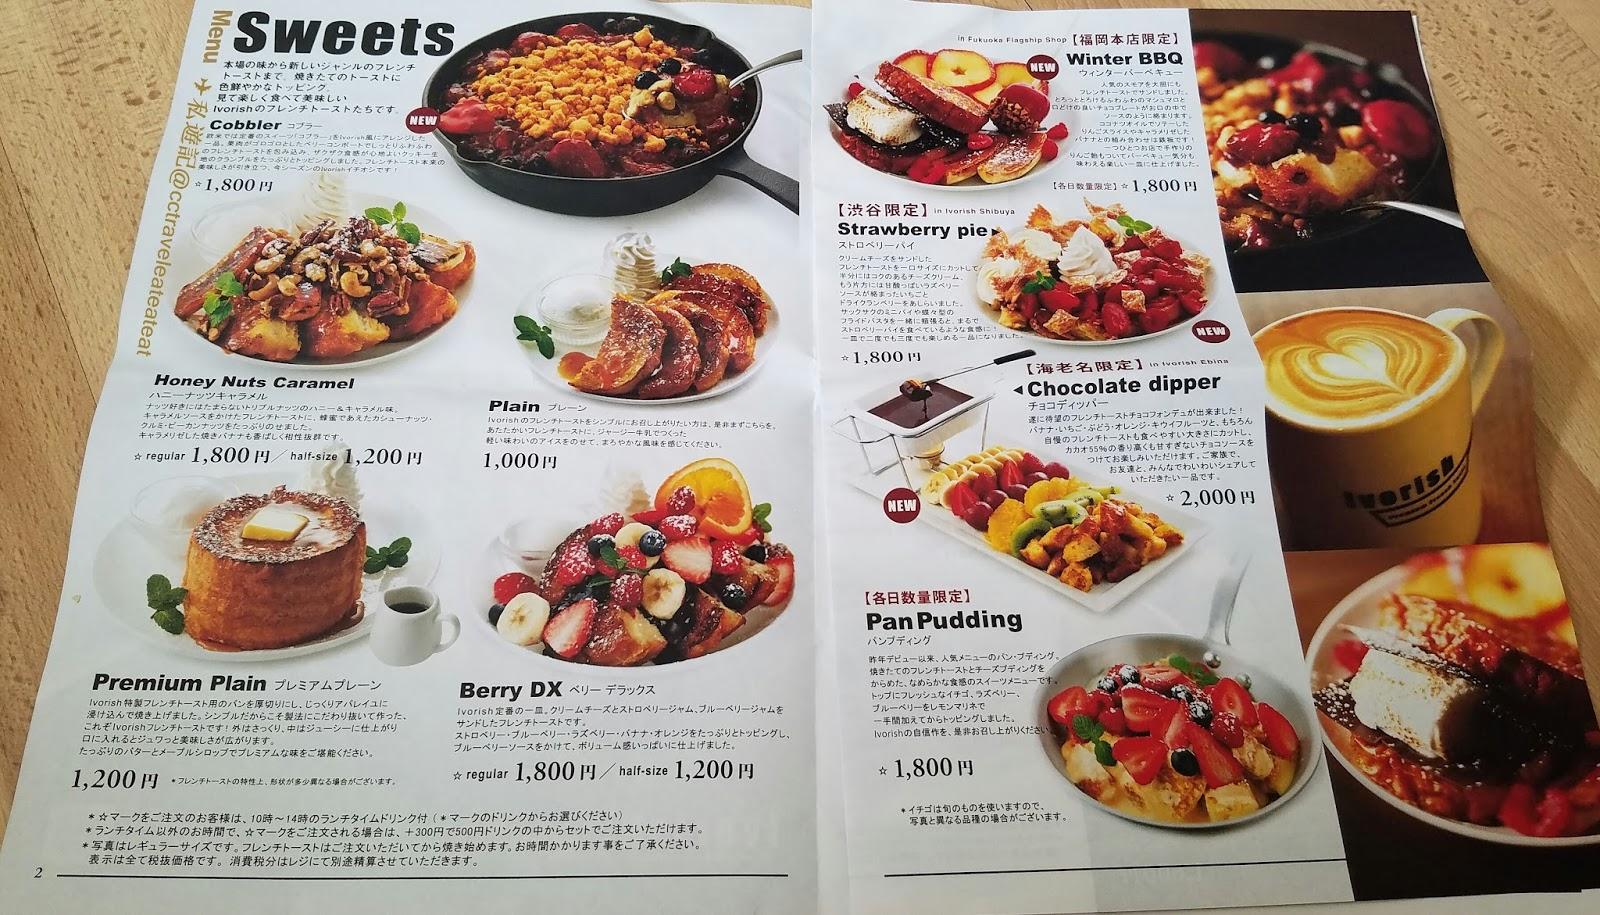 【美食甜點】涉谷人氣法式吐司專門店 - Ivorish Premium French Toast (アイボリッシュ) | Tokyo Creative